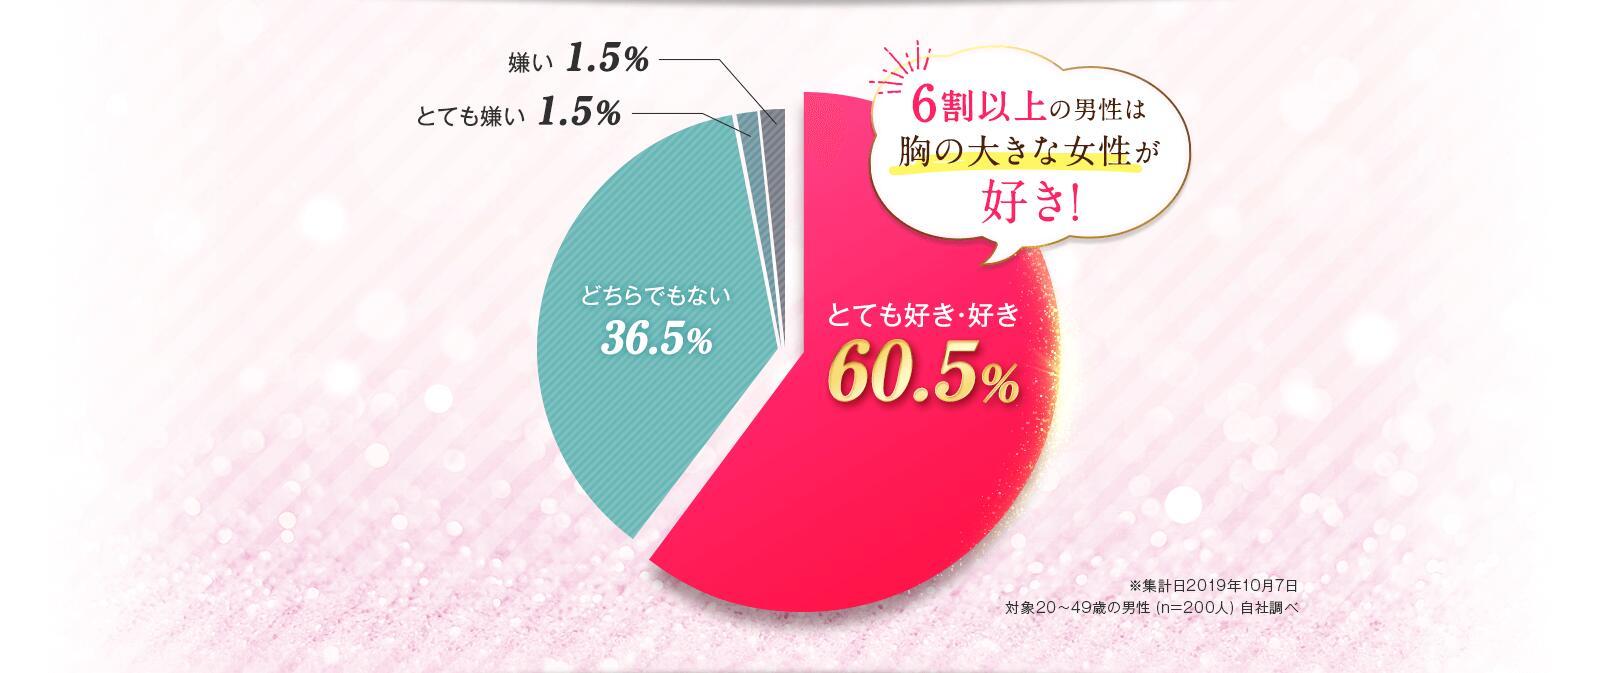 6割以上の男性は胸の大きな女性が好き